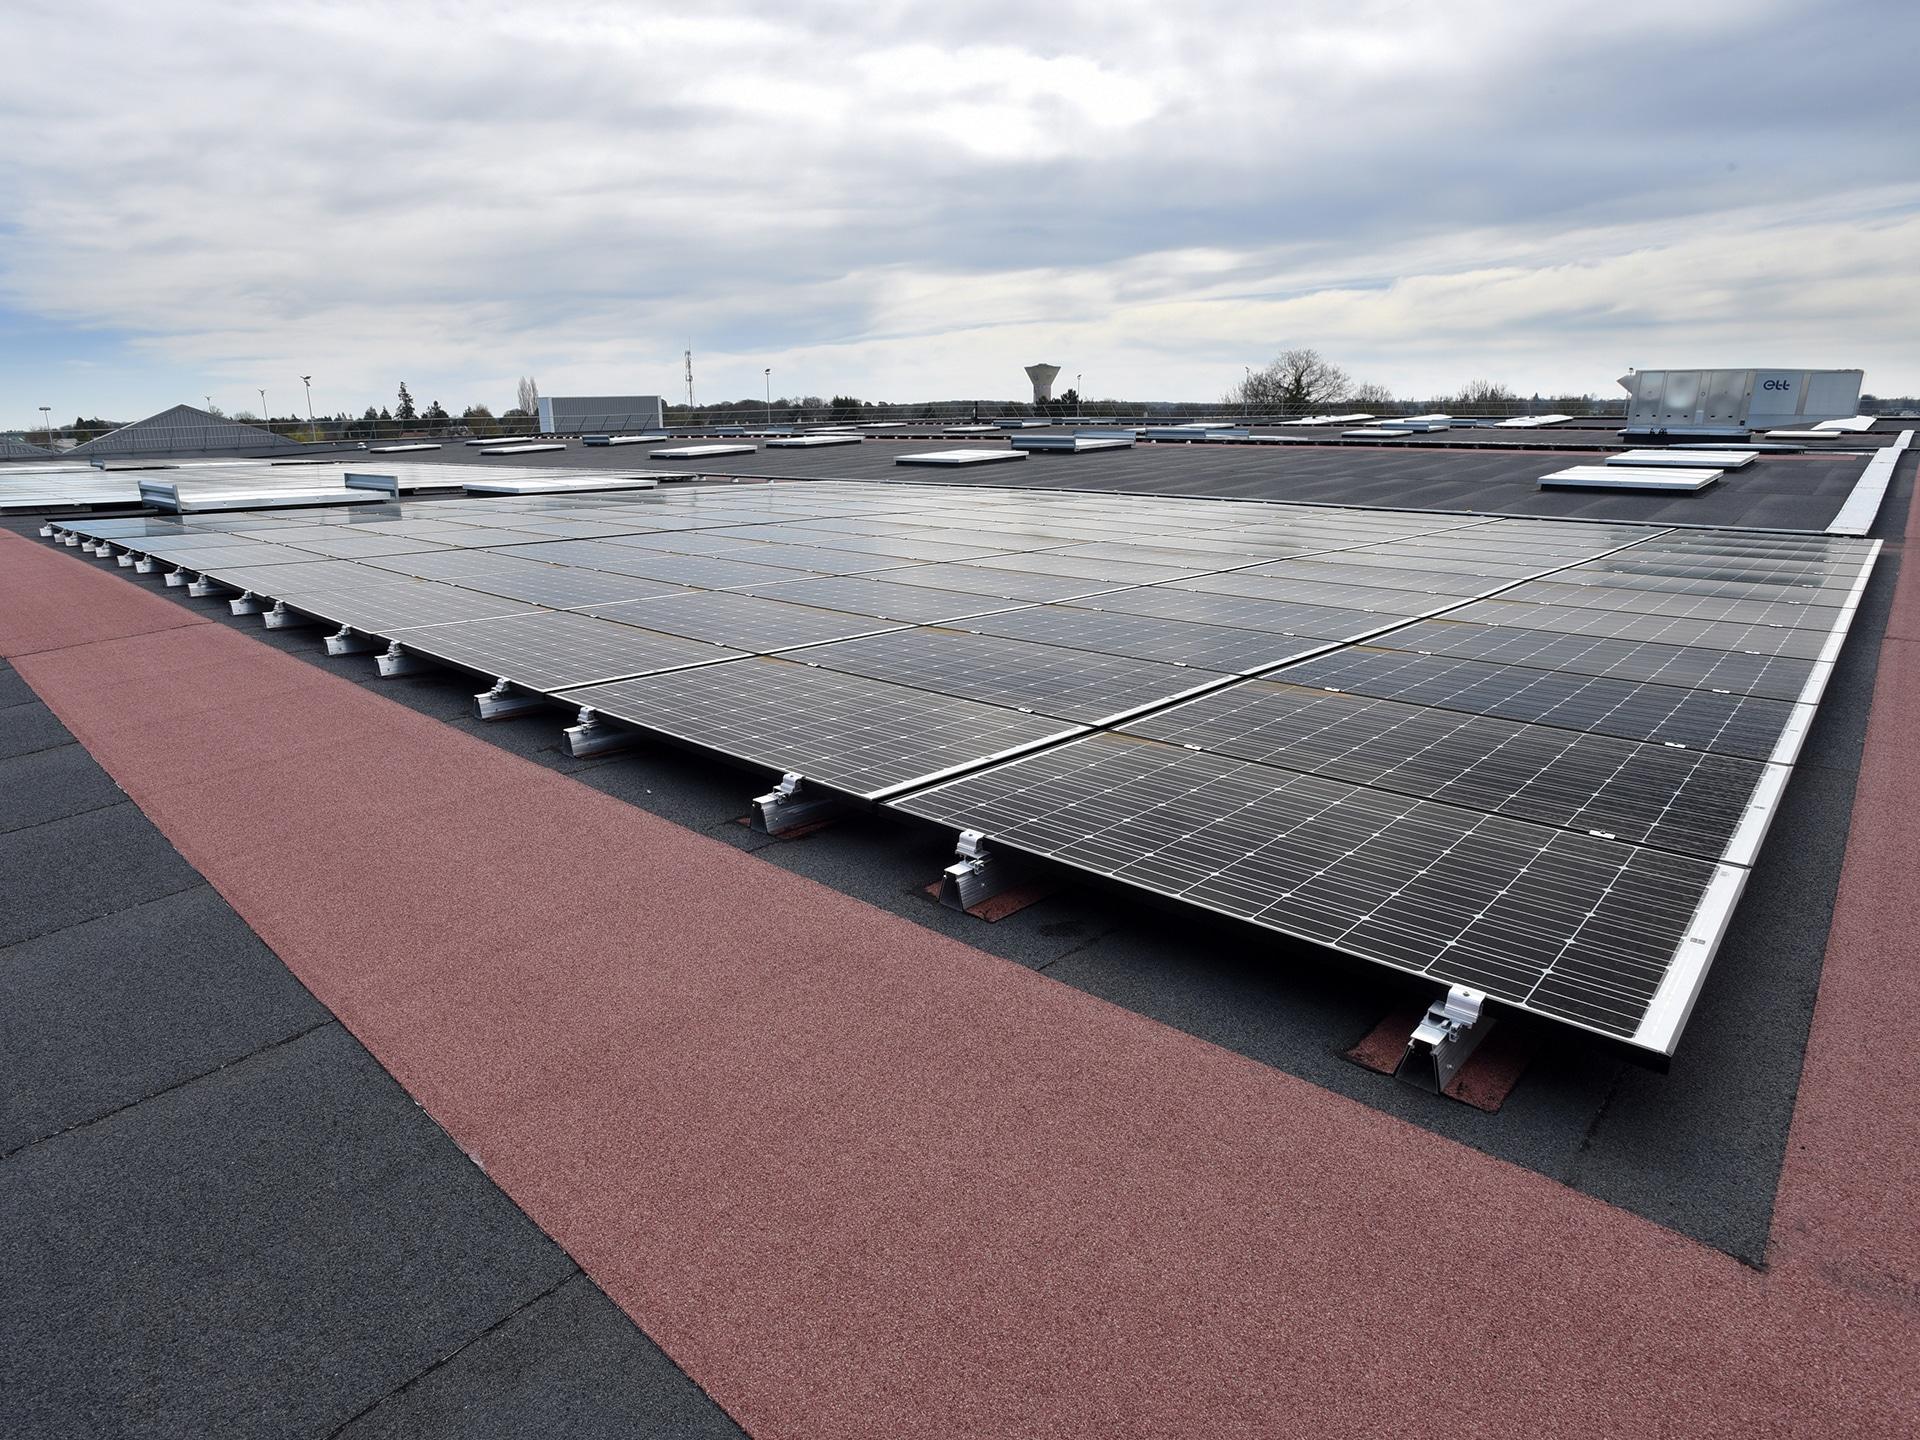 ROOF-SOLAR BITUME 600, le 1er Avis Technique en France pour toitures-terrasses sur Tôles d'Acier Nervurées (TAN)